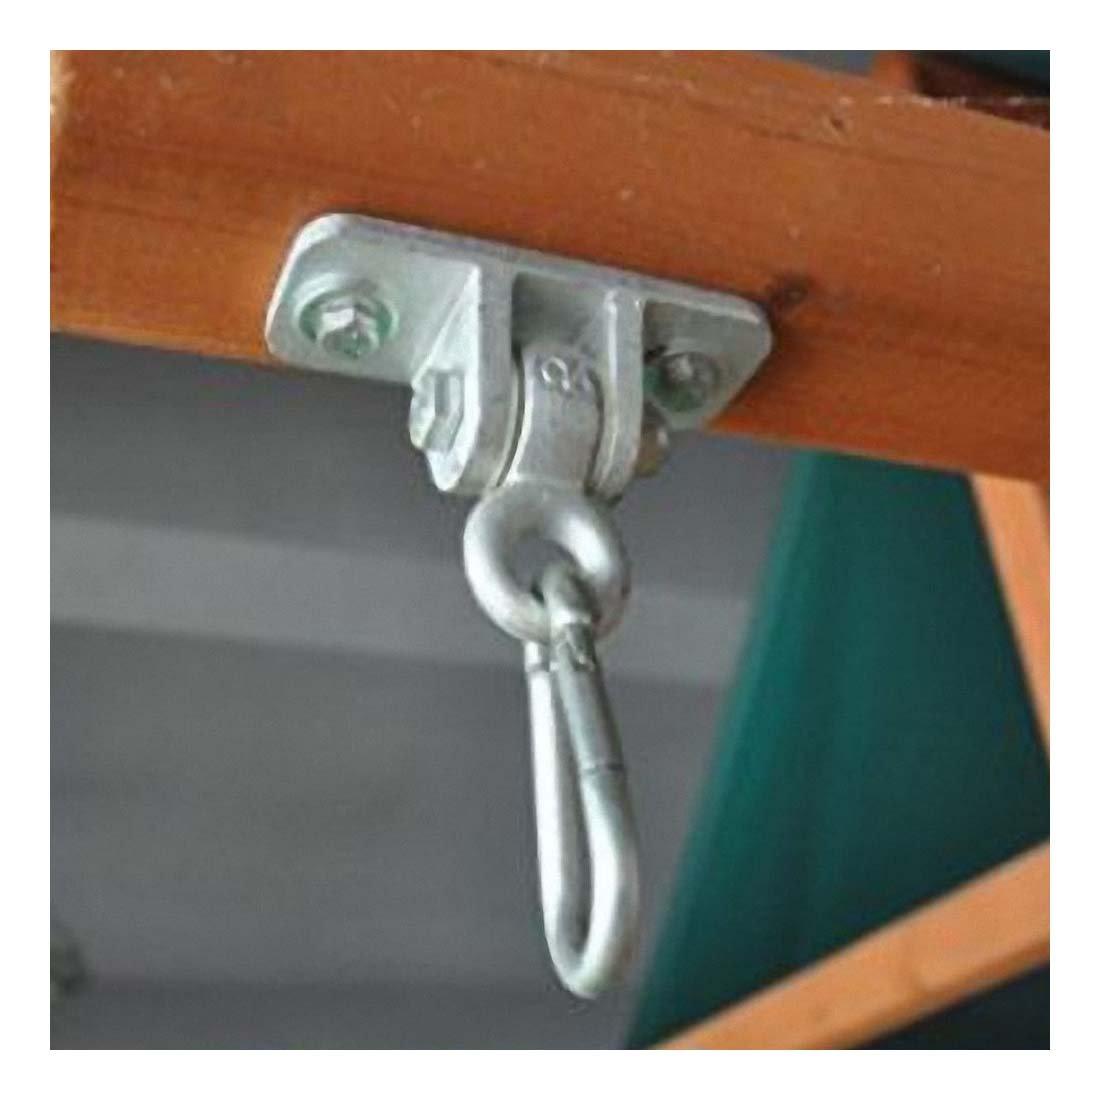 2 Heavy Duty Iron Swing Seat Hangers + 2 Hanging Snap Hooks - Indoor Outdoor DIY